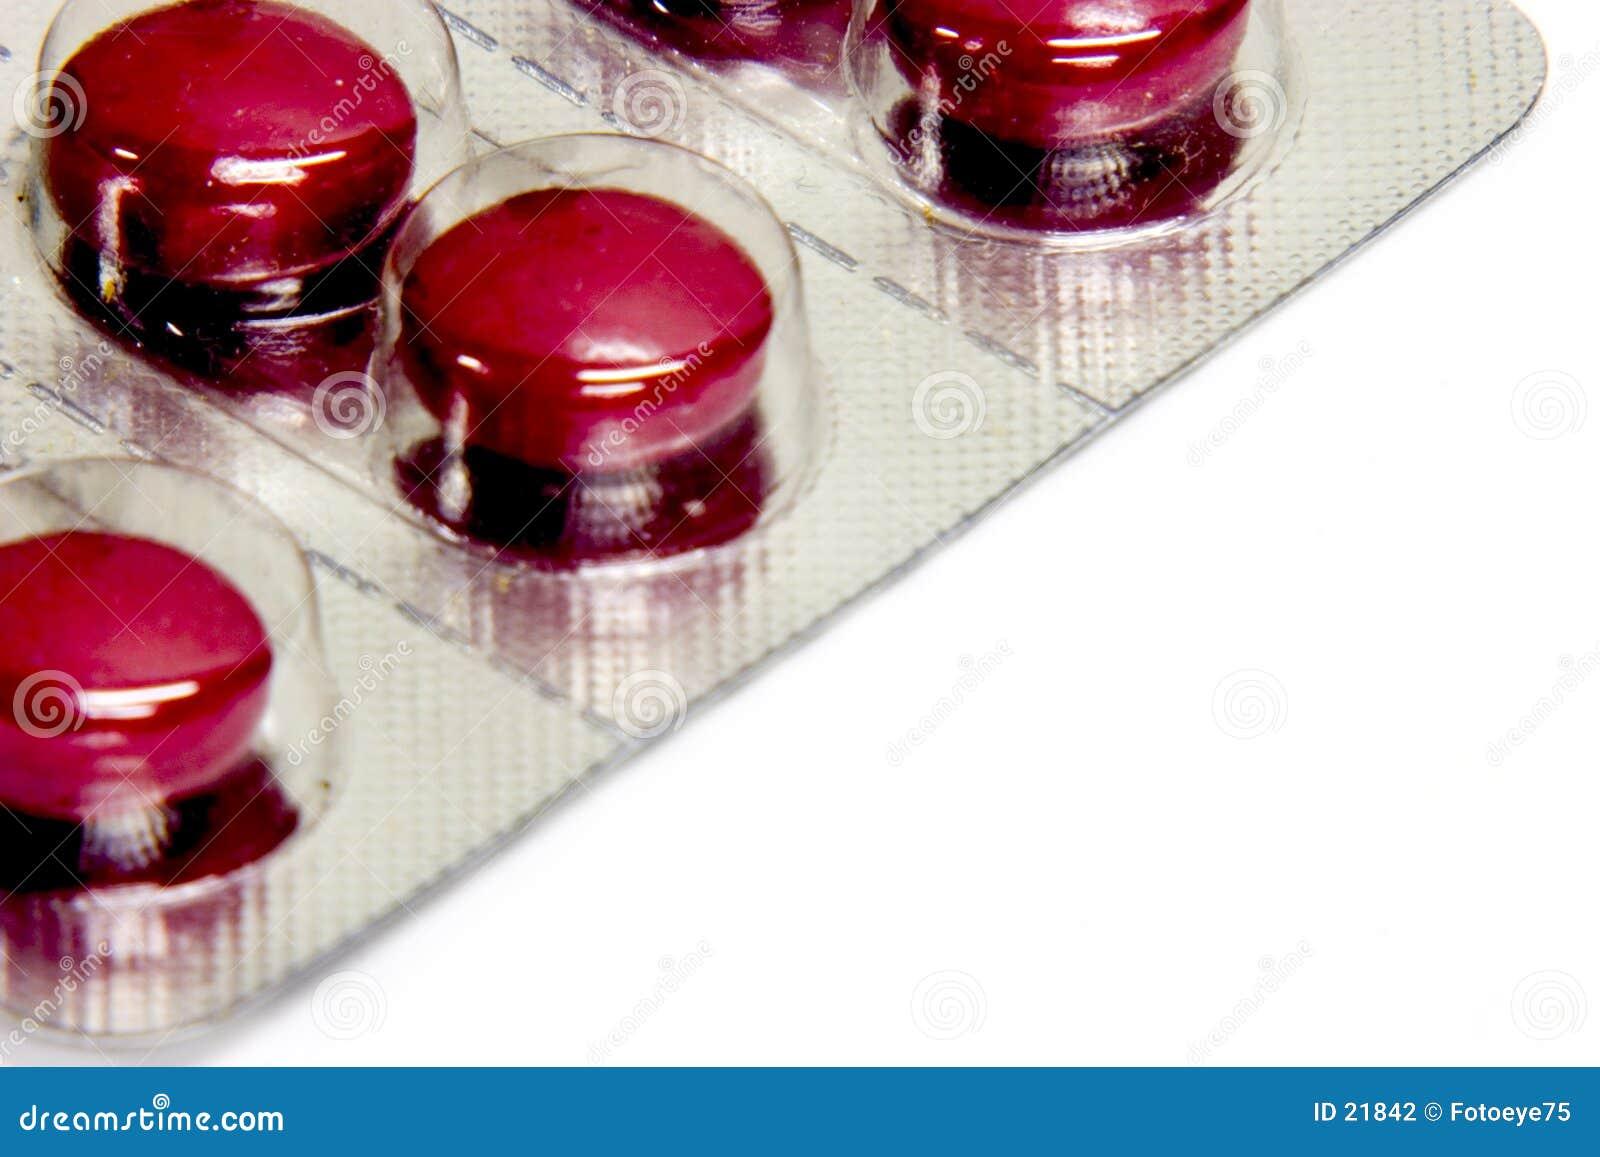 Os comprimidos vermelhos